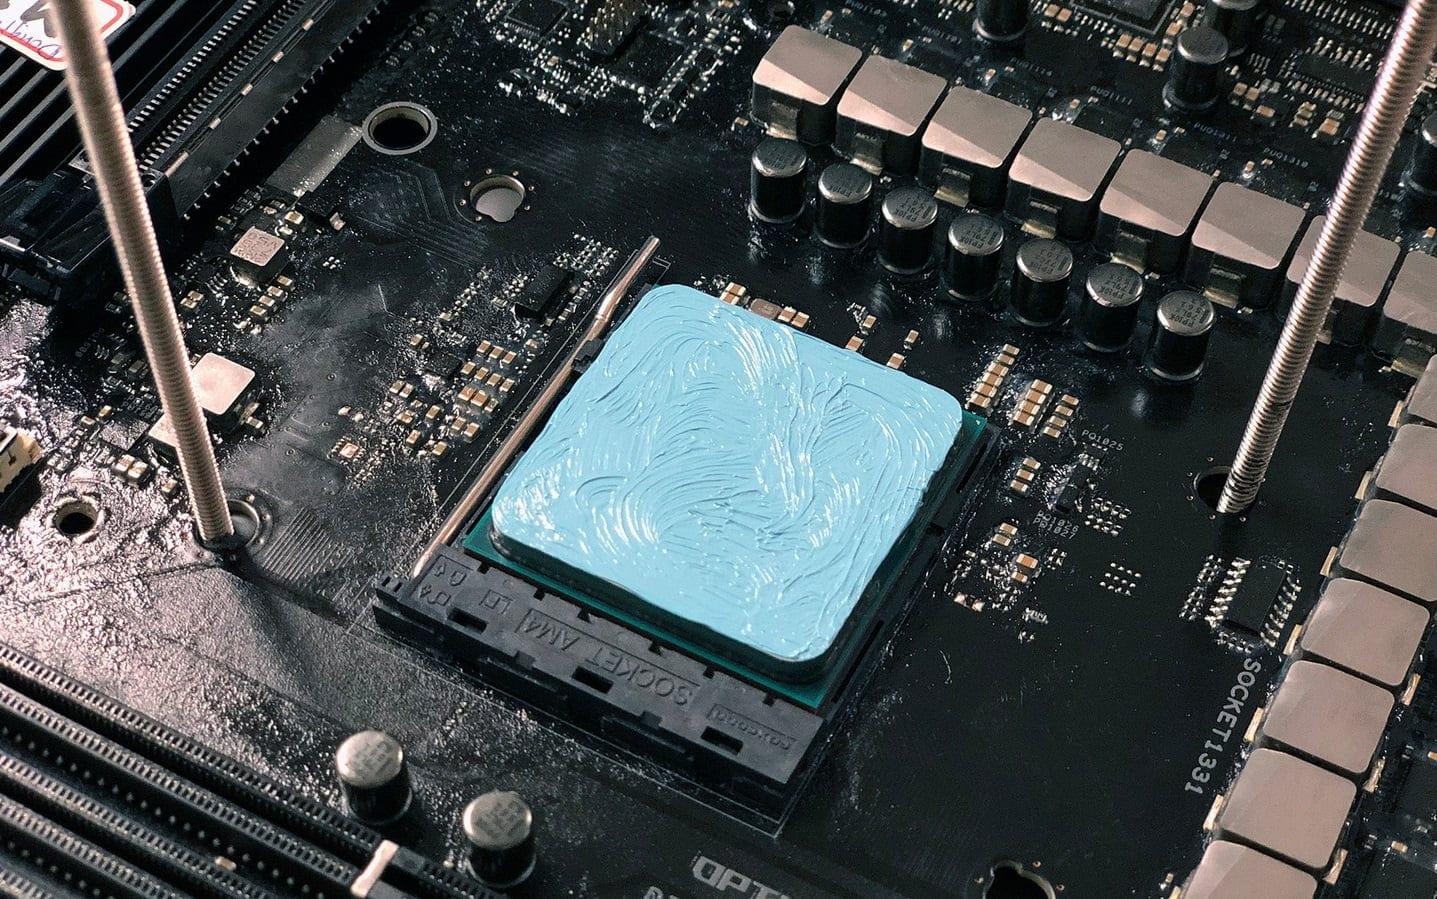 safedisk в тот же день побил рекорд KaRtA в дисциплине wPrime — 1024m на AMD Ryzen 9 3900X